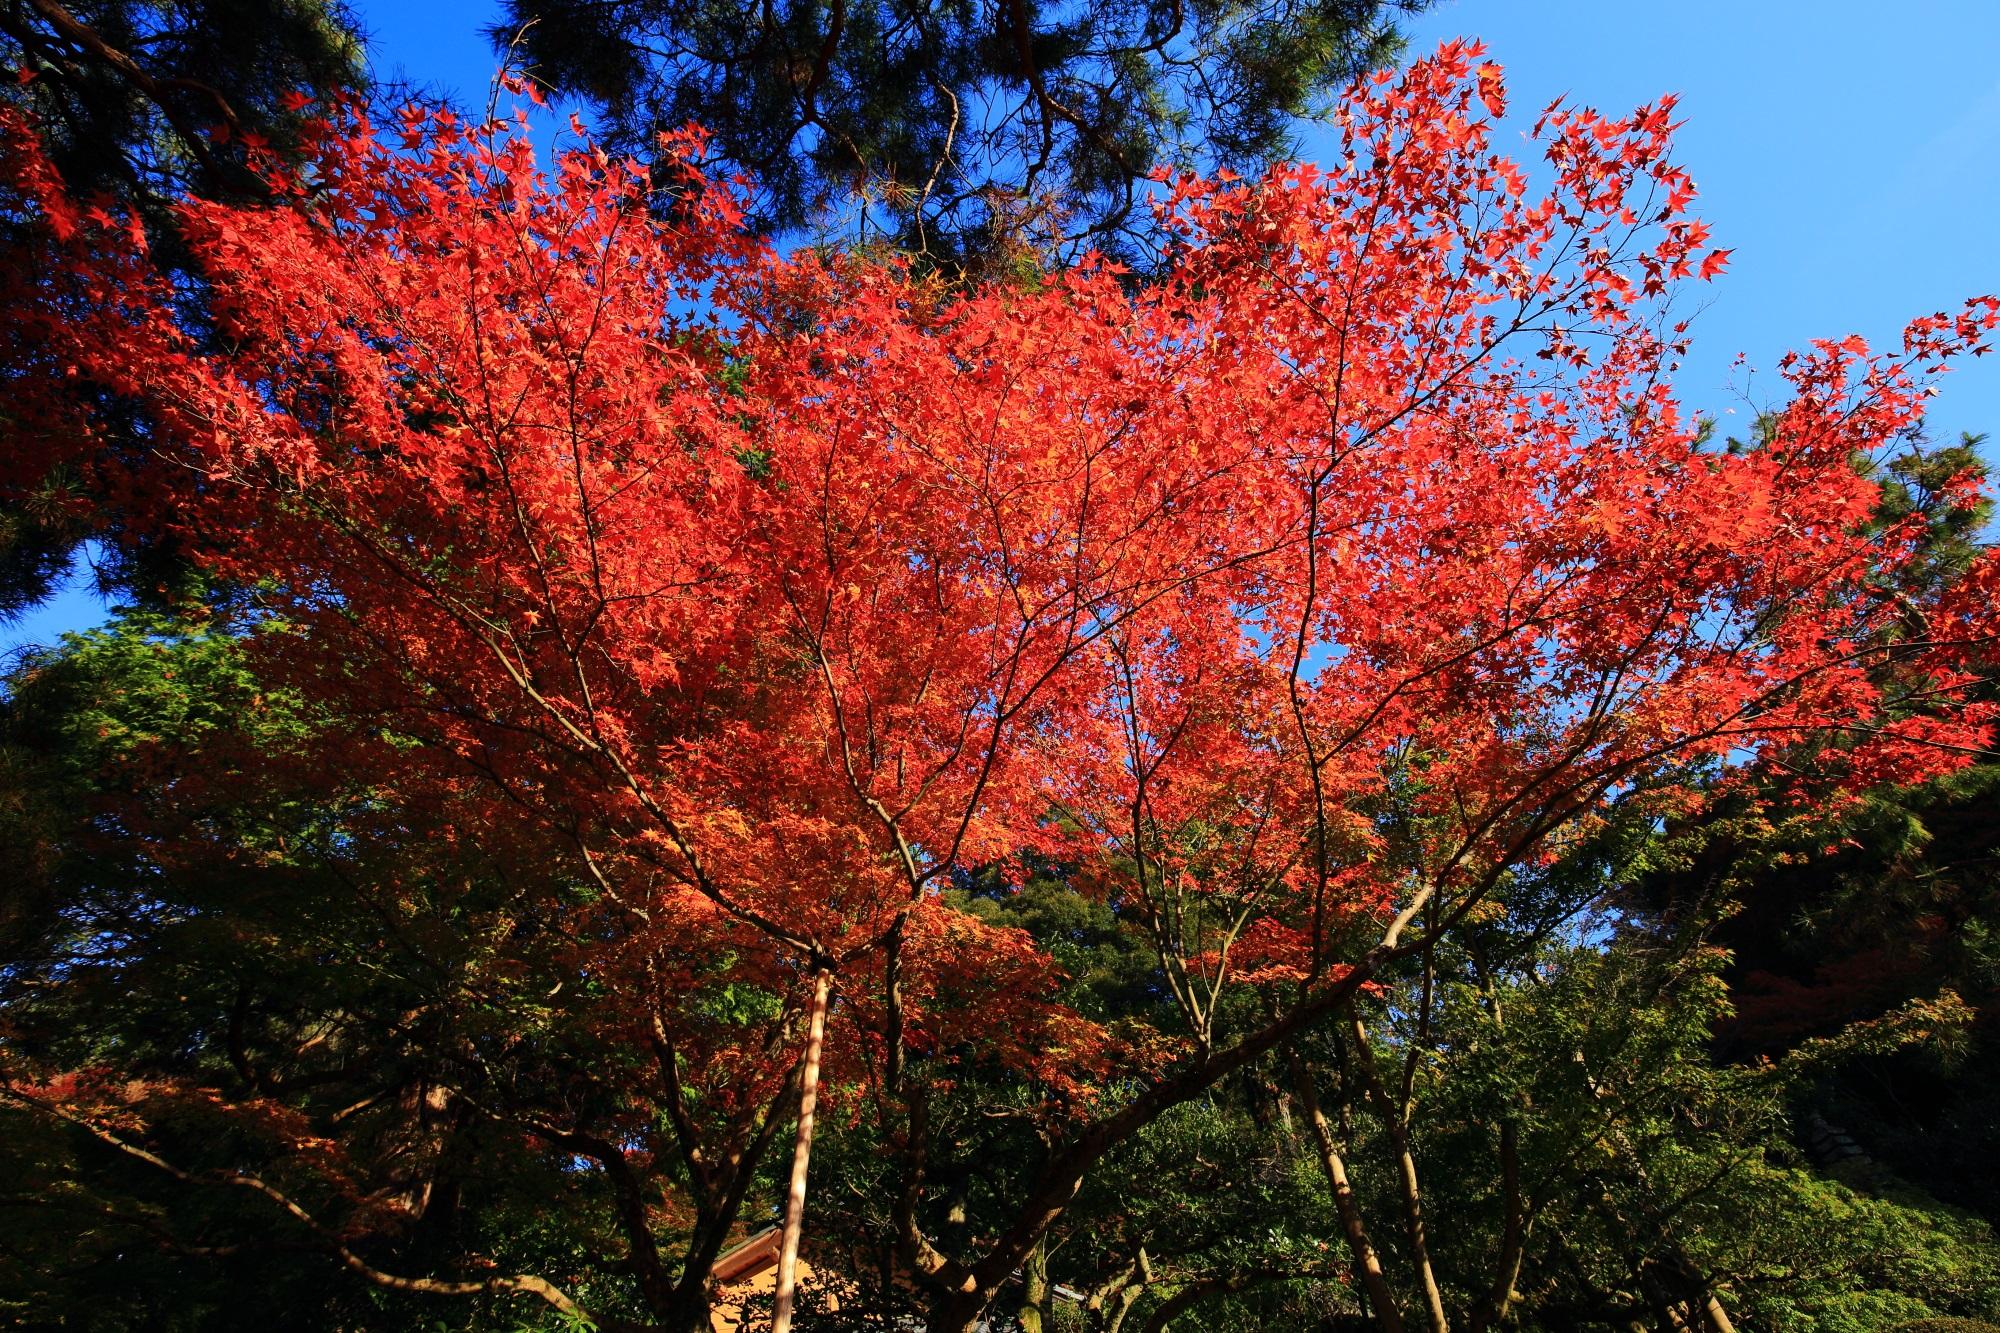 見ごろの華やかな紅葉につつまれた青蓮院の相阿弥の庭園